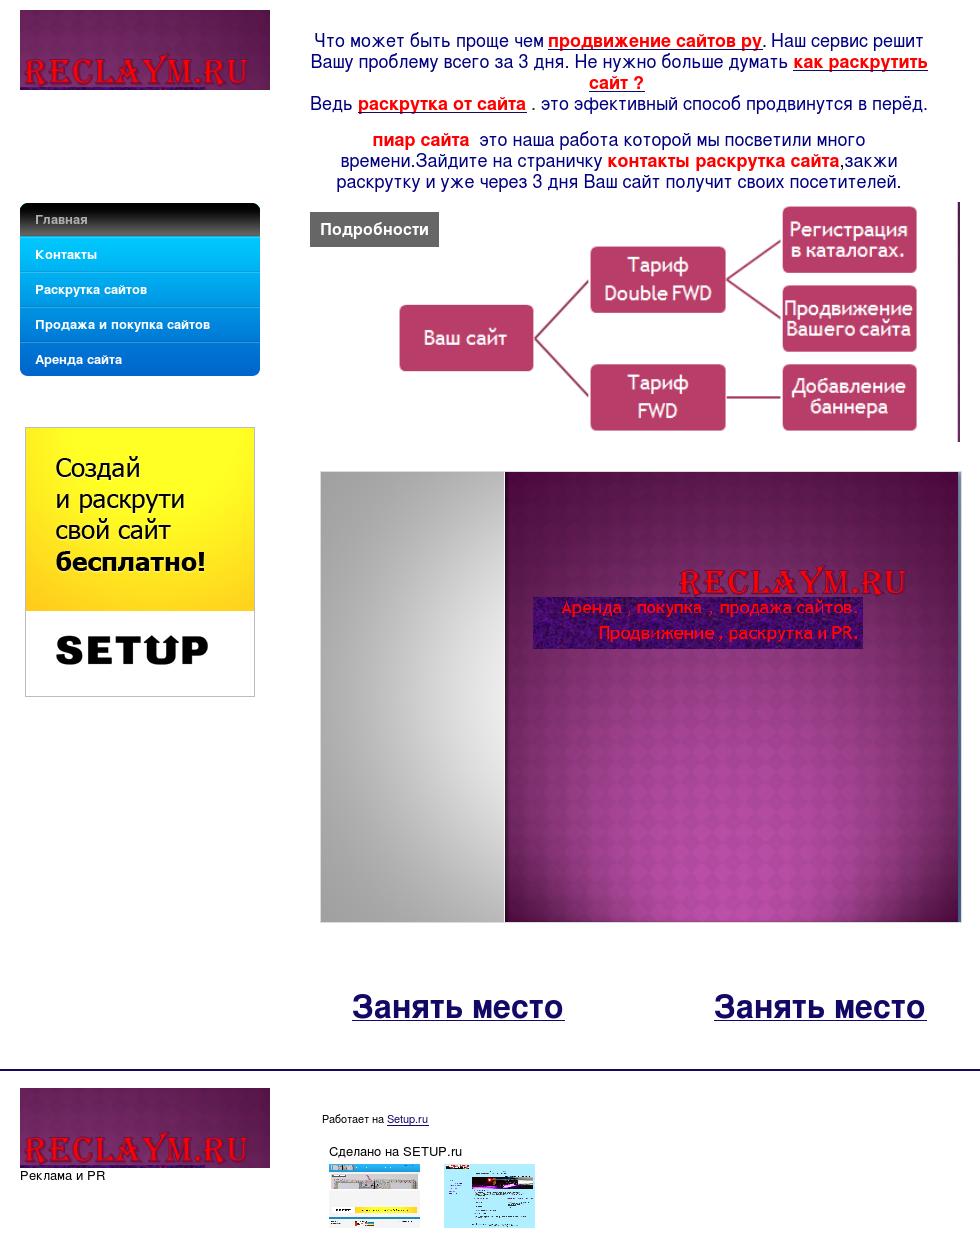 Reclaym.ru